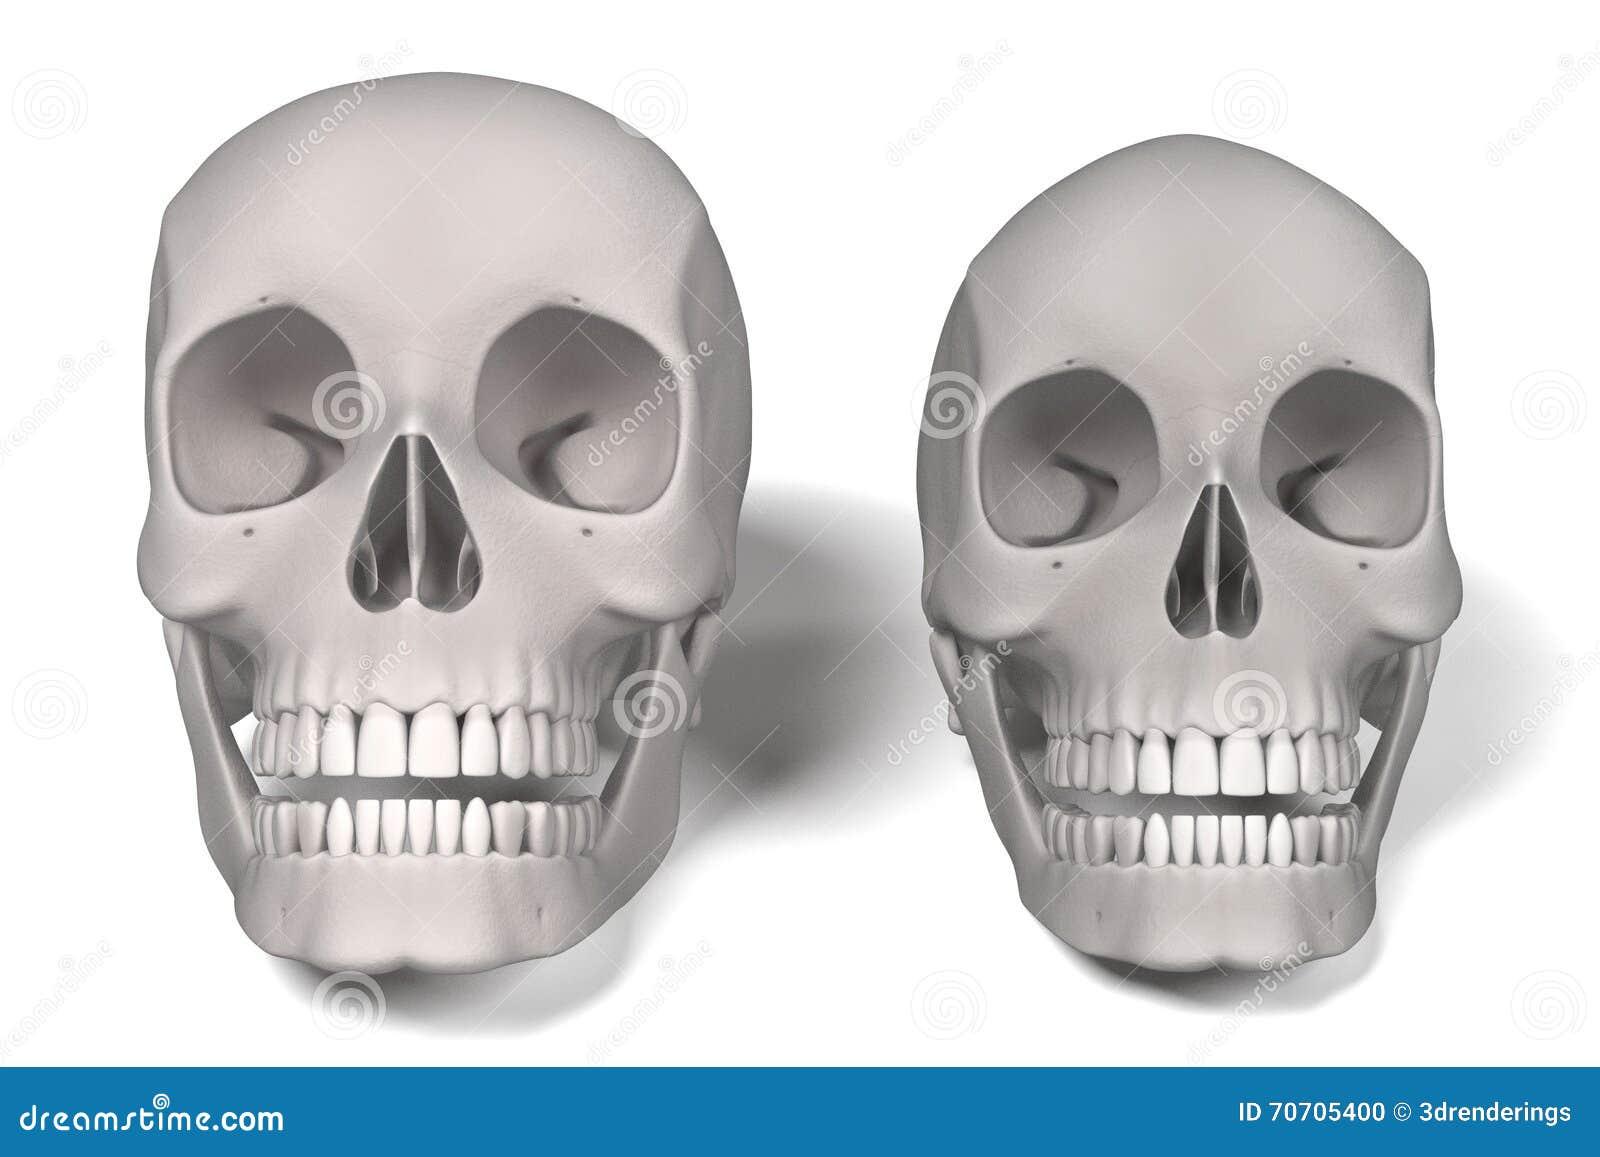 Menschliche Schädel stock abbildung. Illustration von anatomie ...